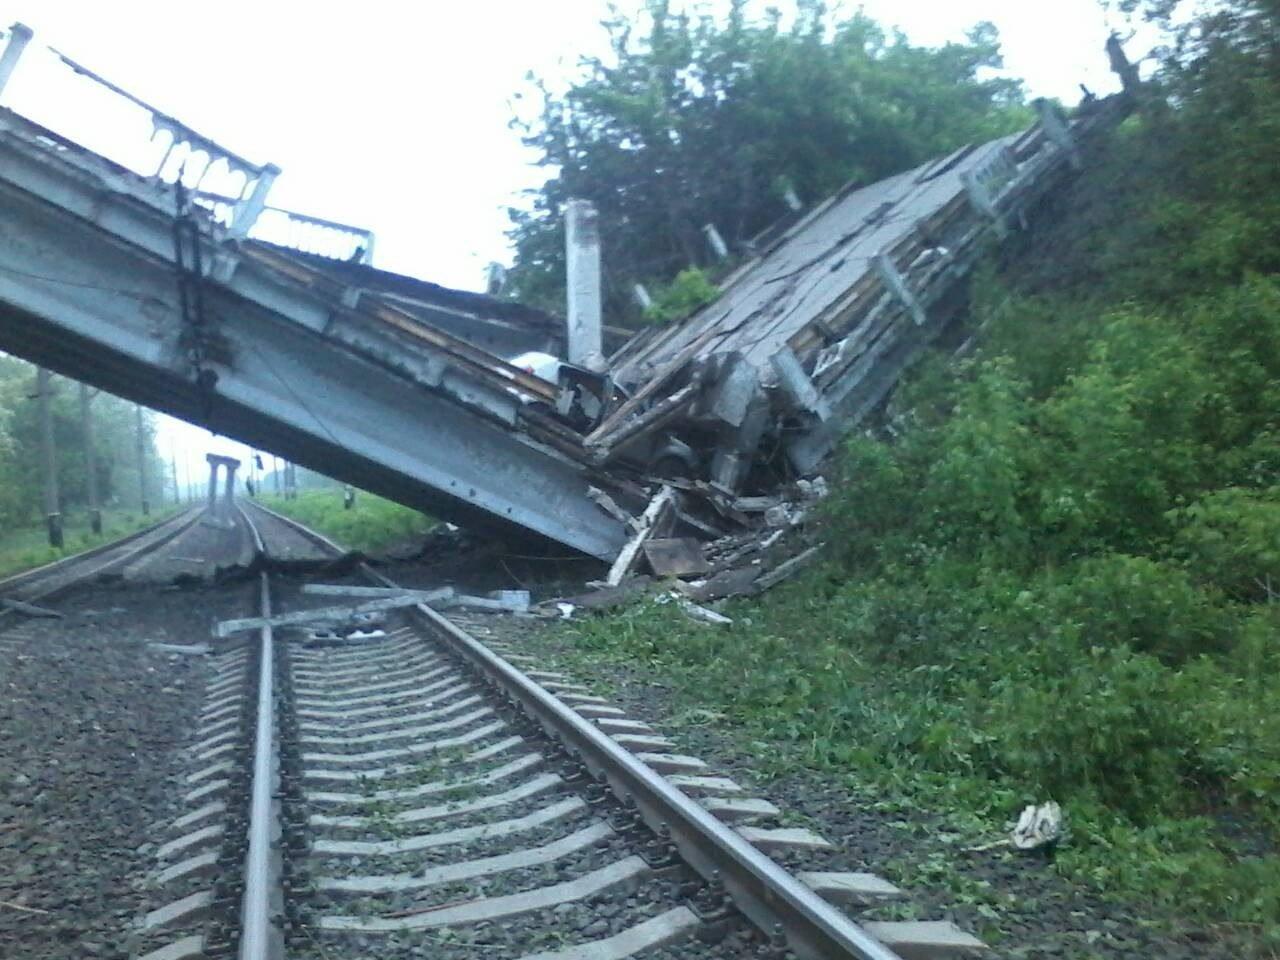 Недалеко от оккупированного Хрустального обрушился автомобильный мост, — соцсети